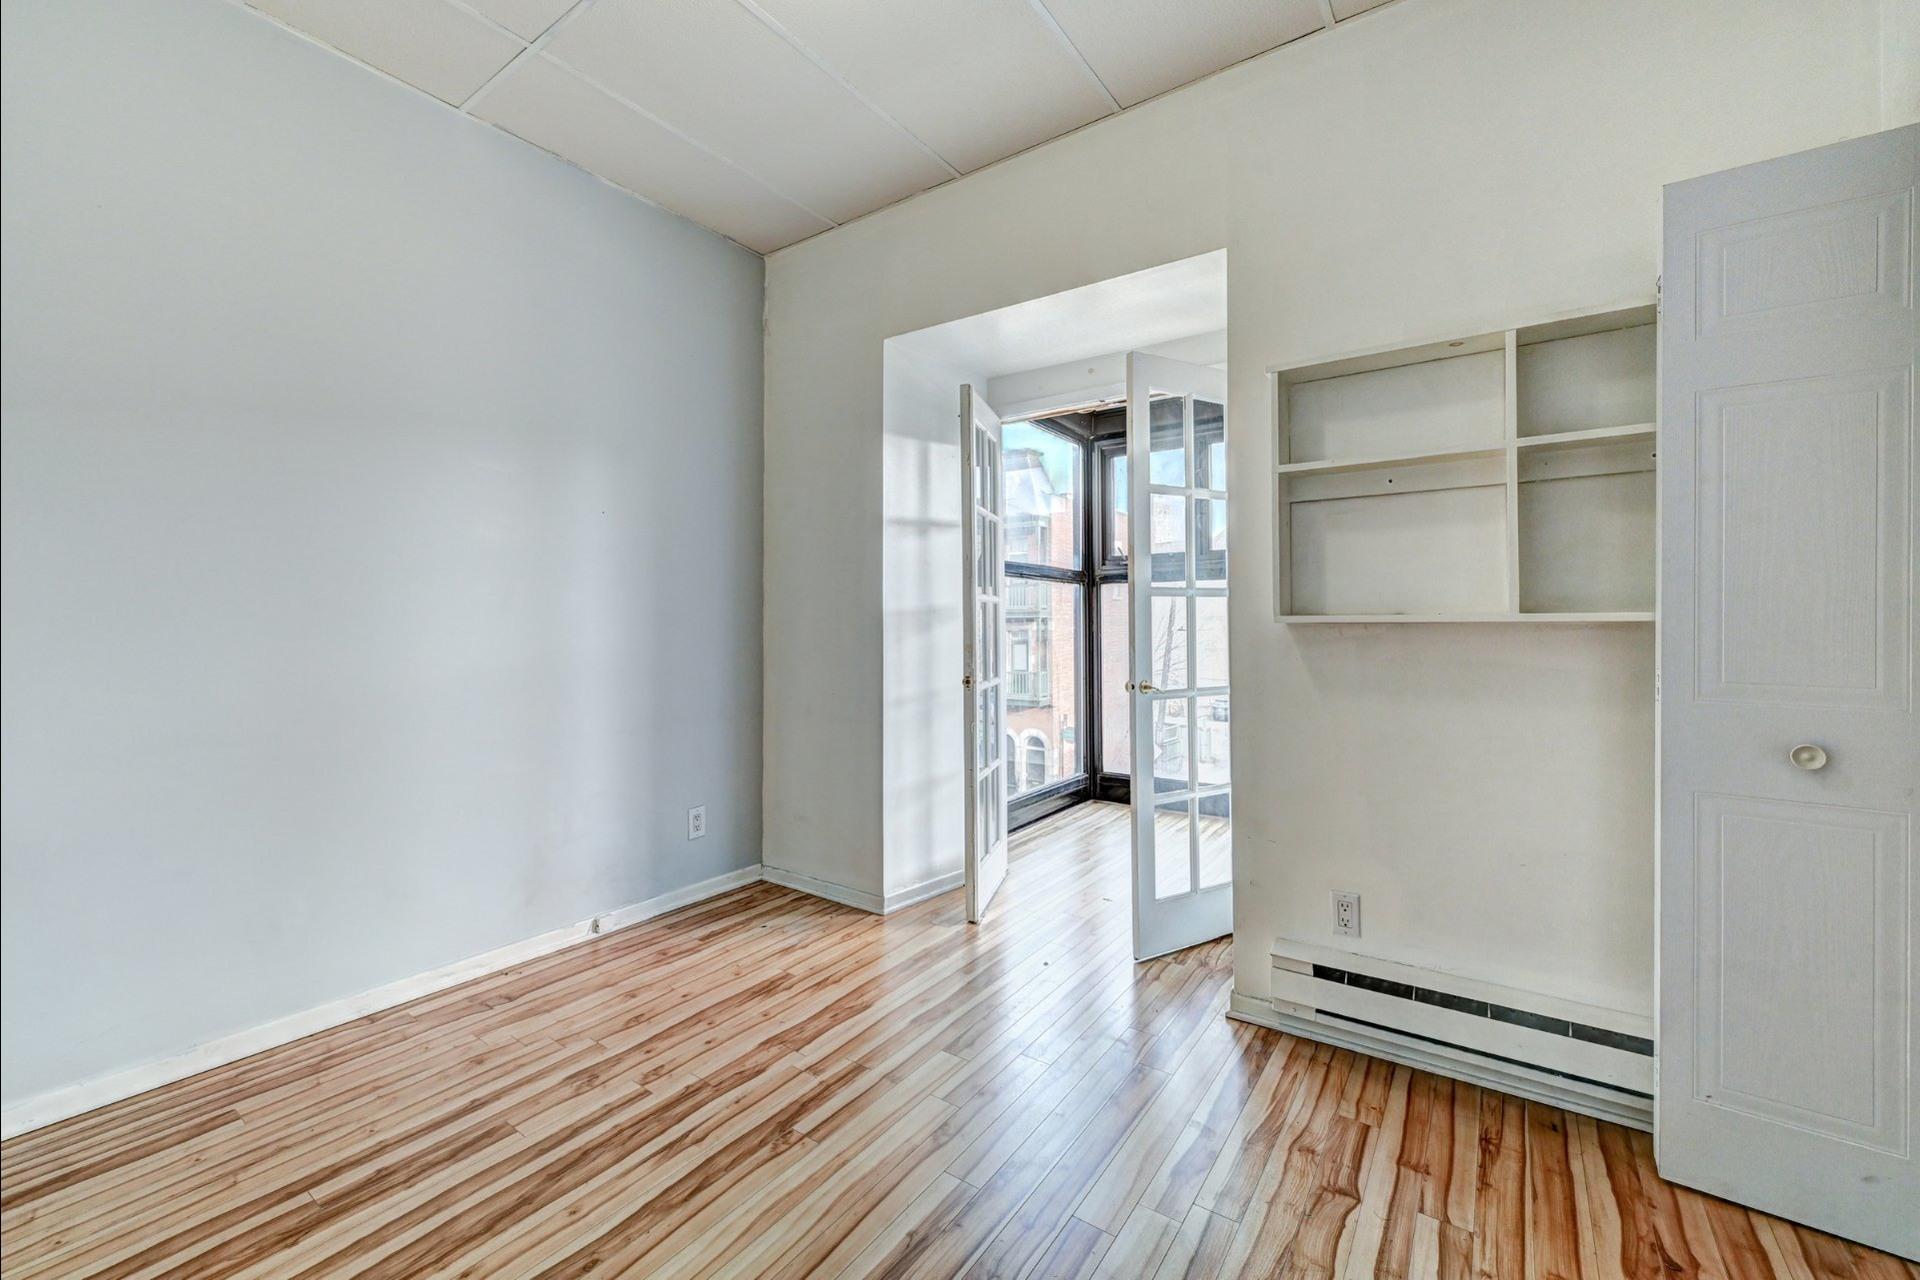 image 18 - Quadruplex For sale Ville-Marie Montréal  - 4 rooms